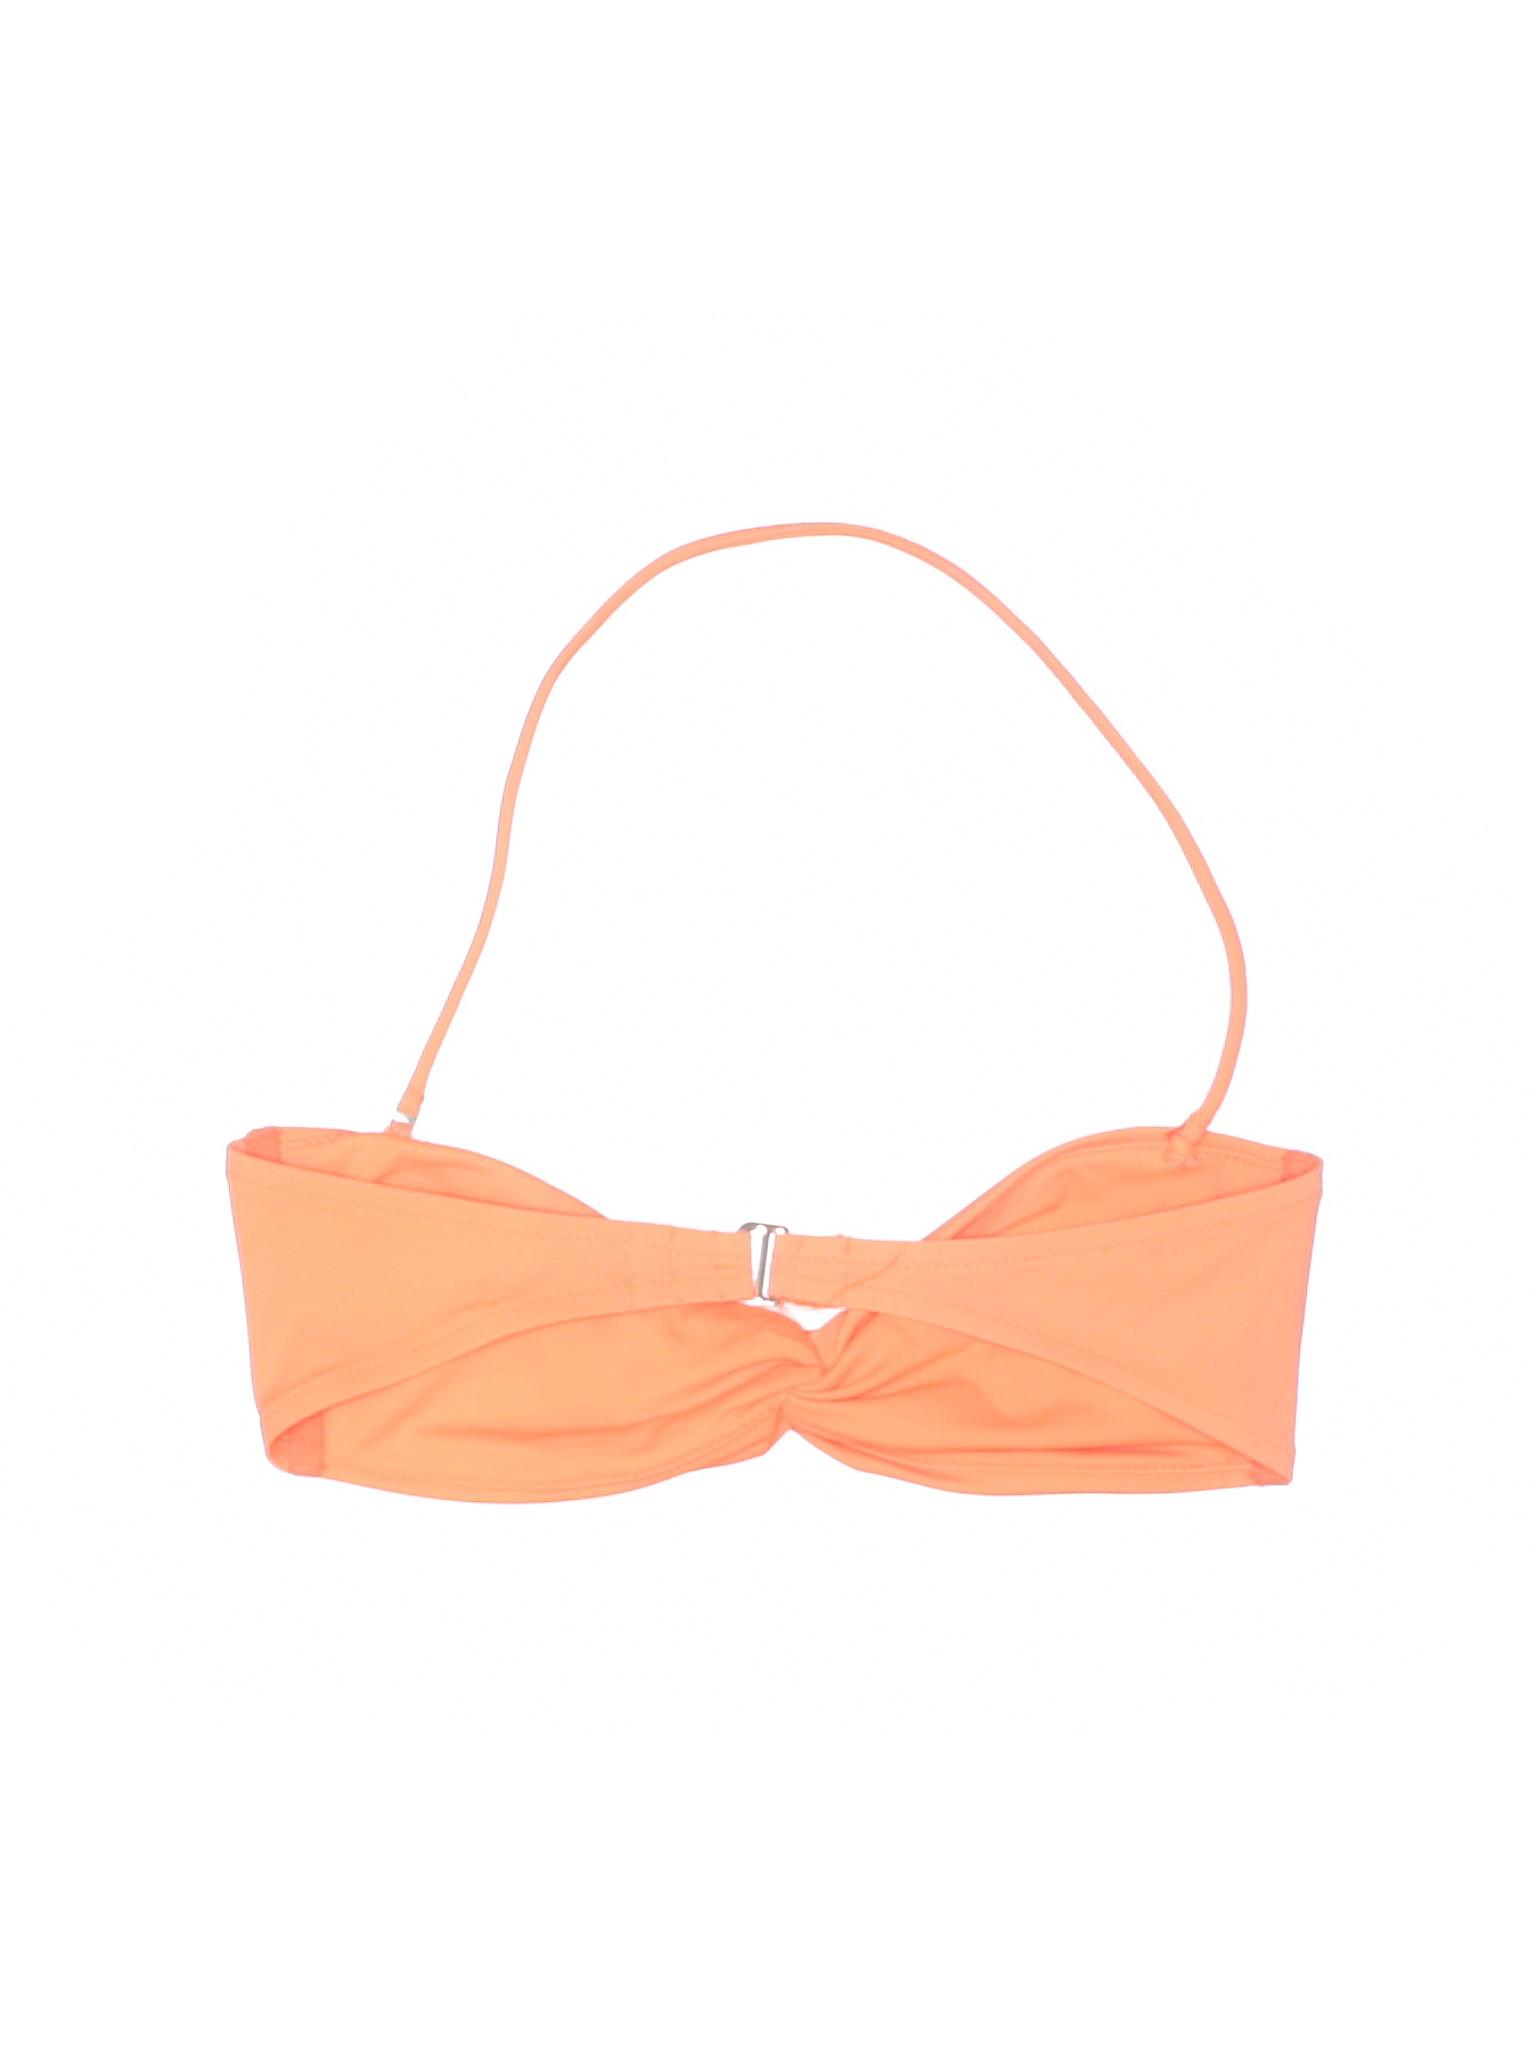 Victoria's Top Secret Boutique Swimsuit Boutique Victoria's 8wCz7qY